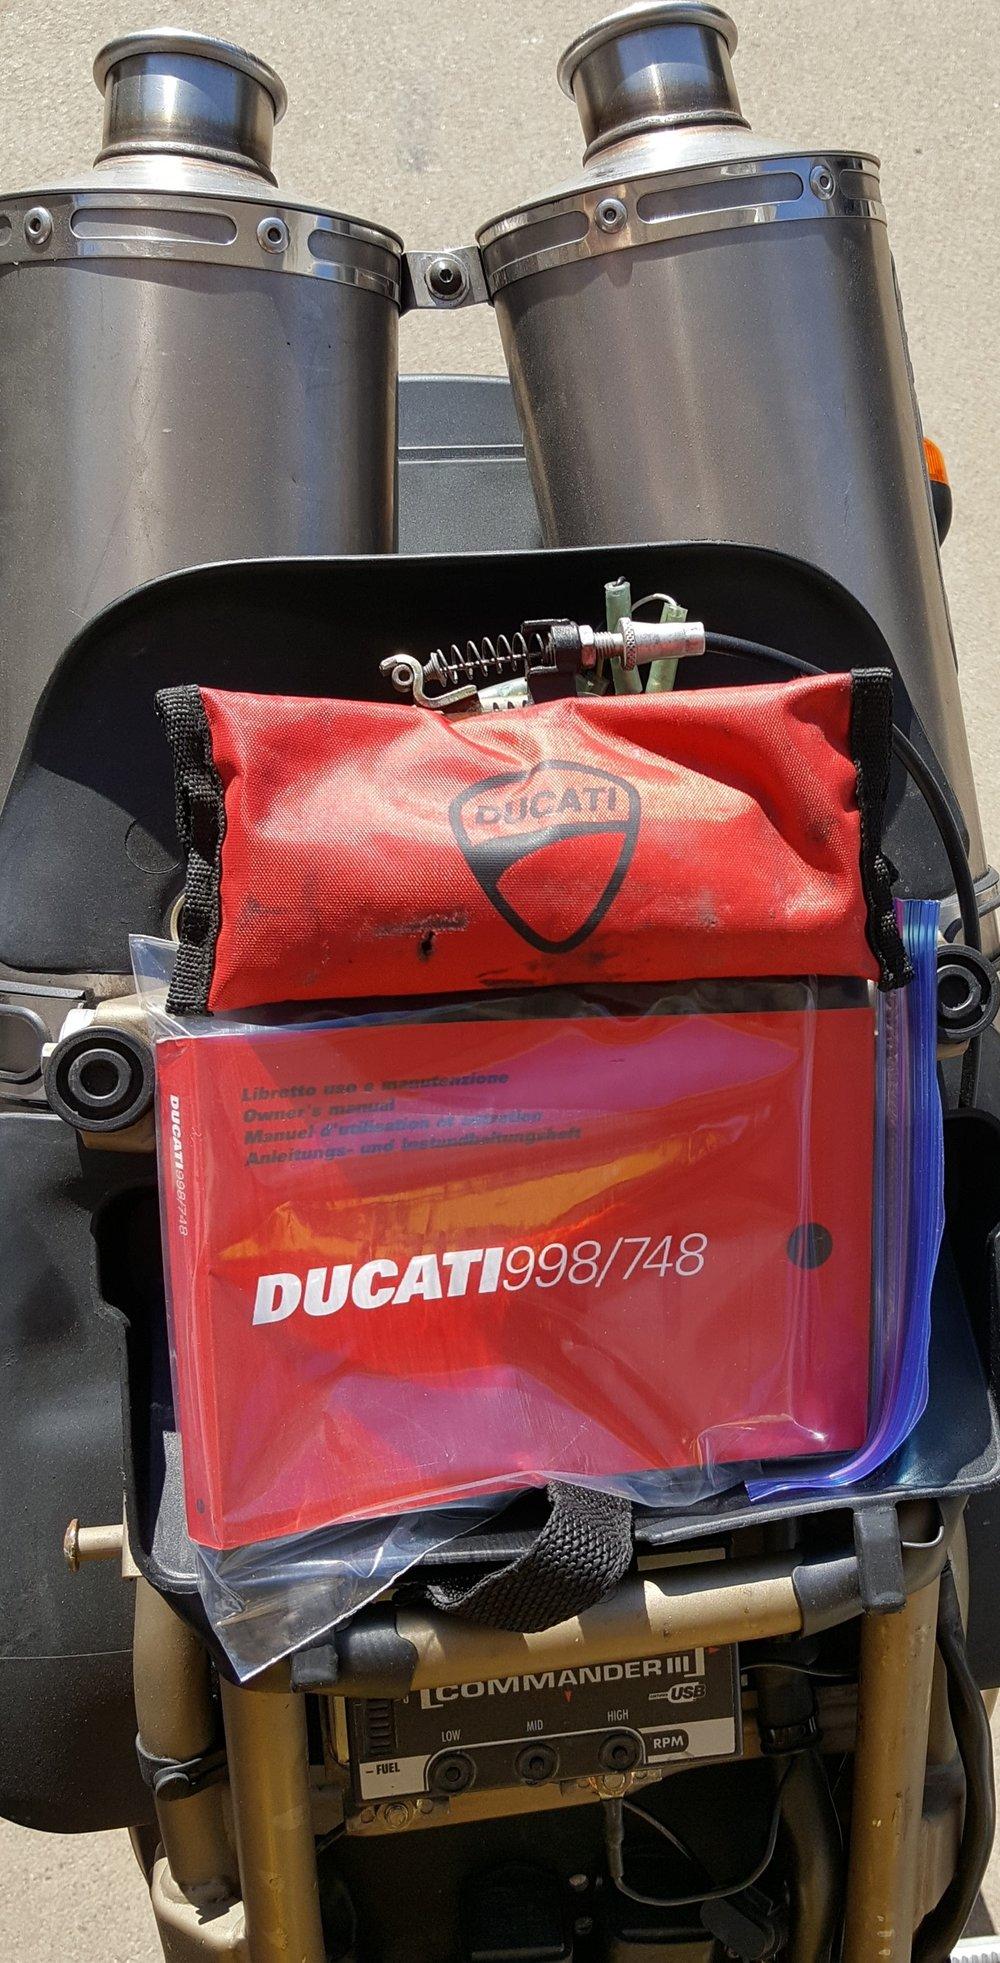 Ducati 748-916 tools-manual.jpg